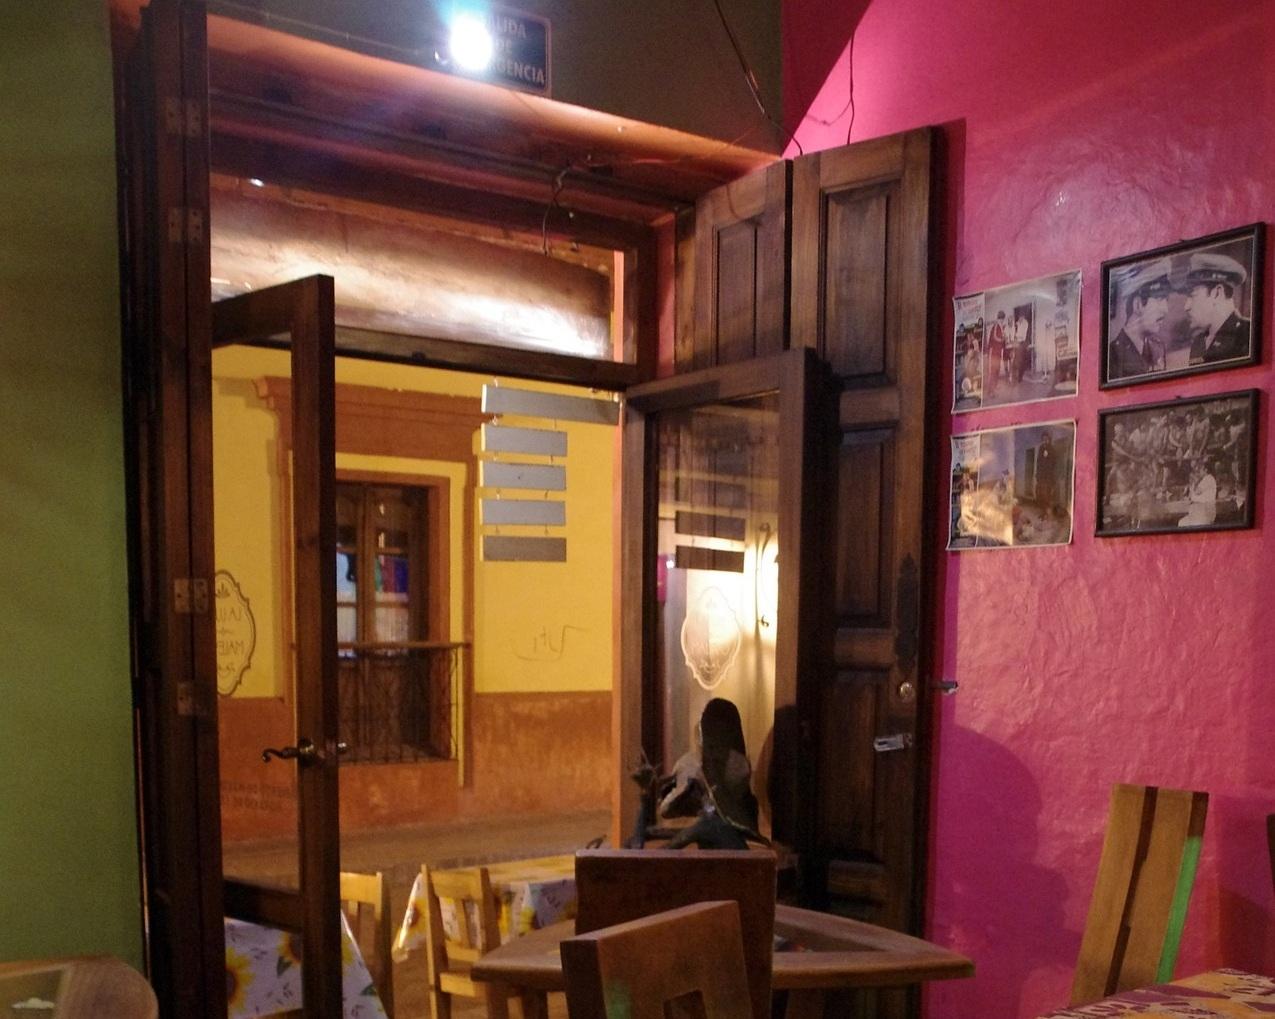 san-cristobal-de-las-casas-687570_1920.jpg